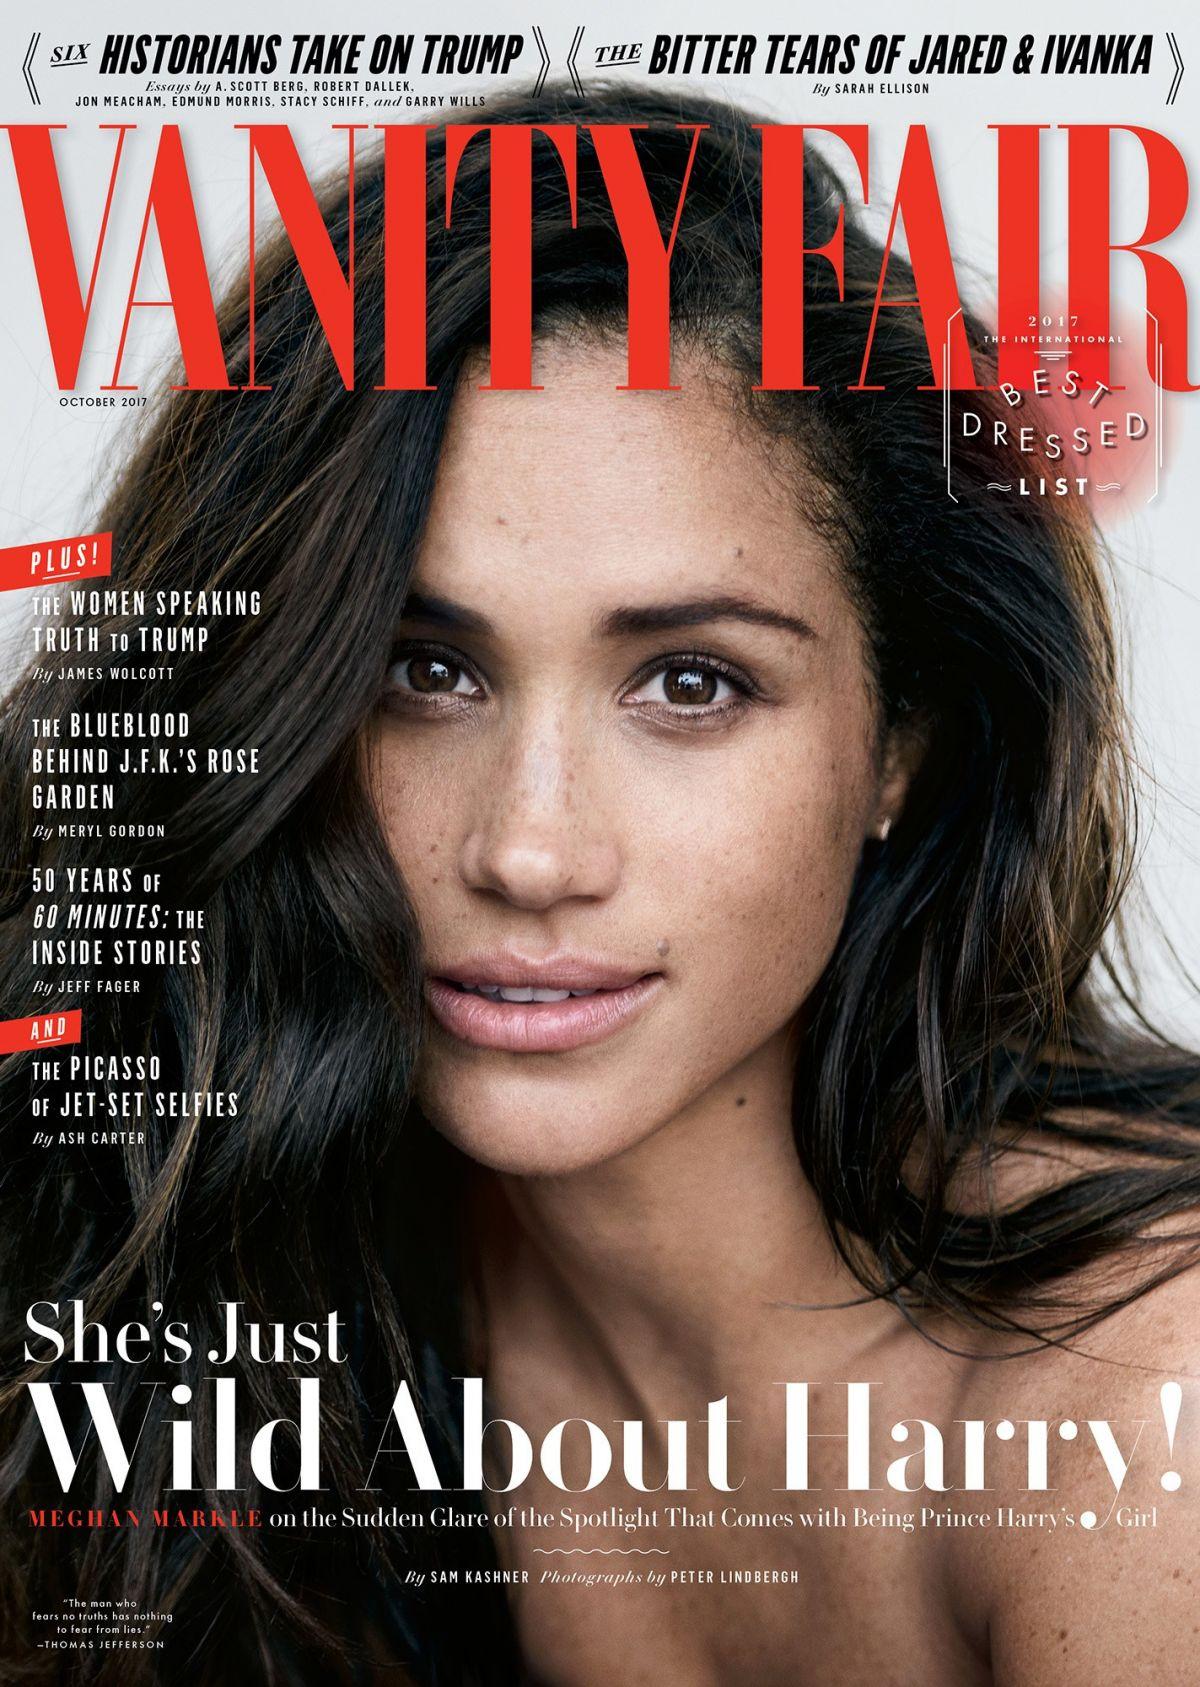 MEGHAN MARKLE for Vanity Fair Magazine, October 2017